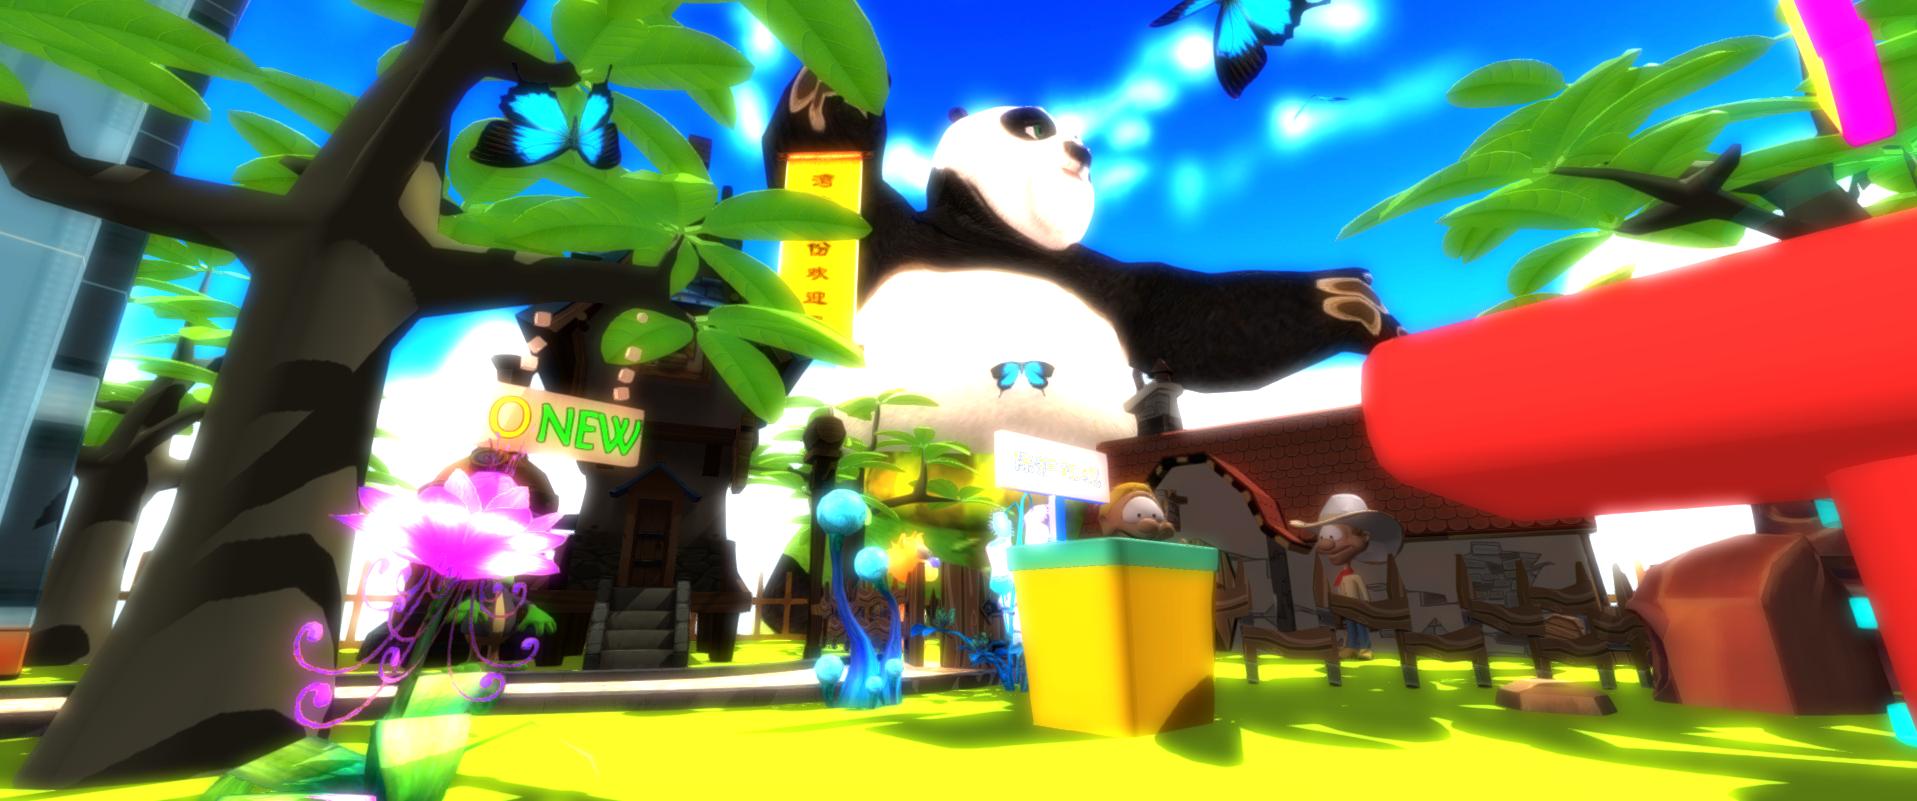 Children's building blocks  VR